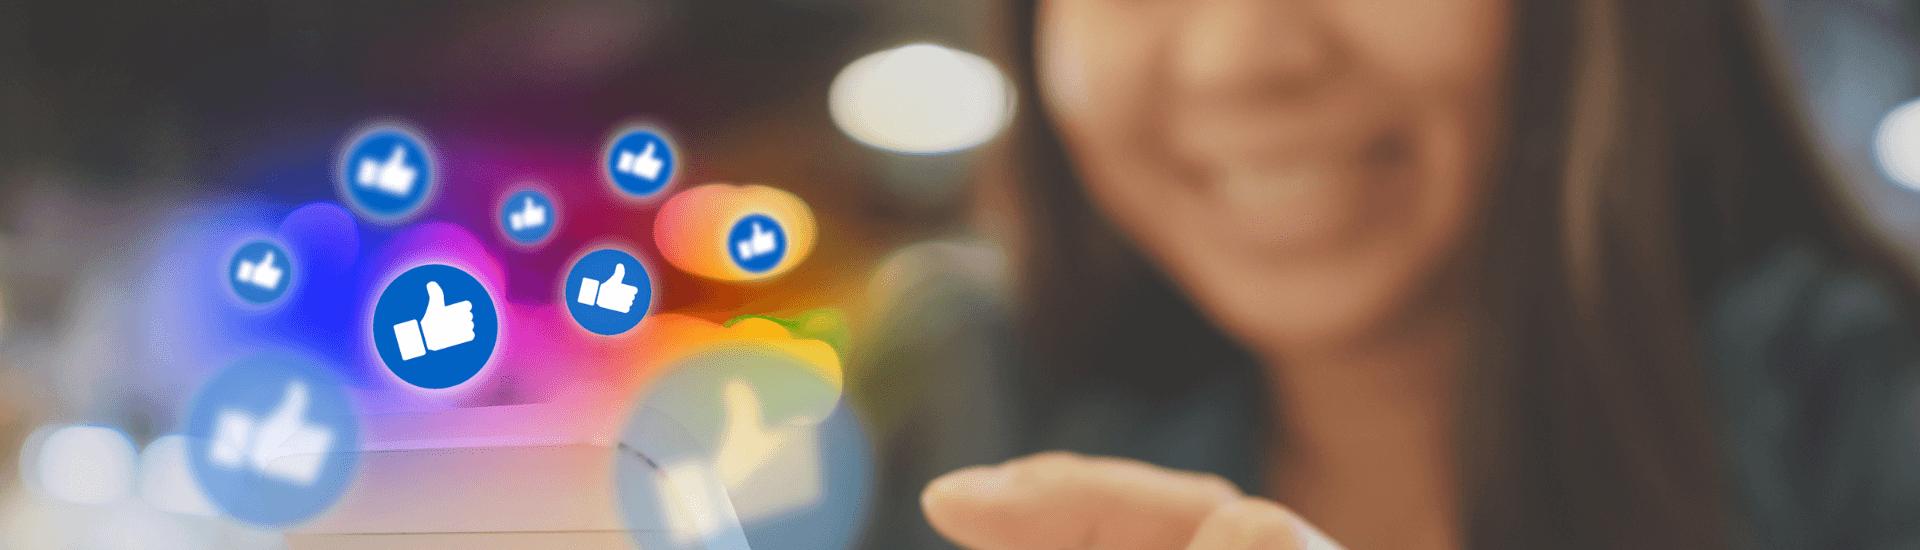 Real Estate Social Media Marketing Mistake number 2